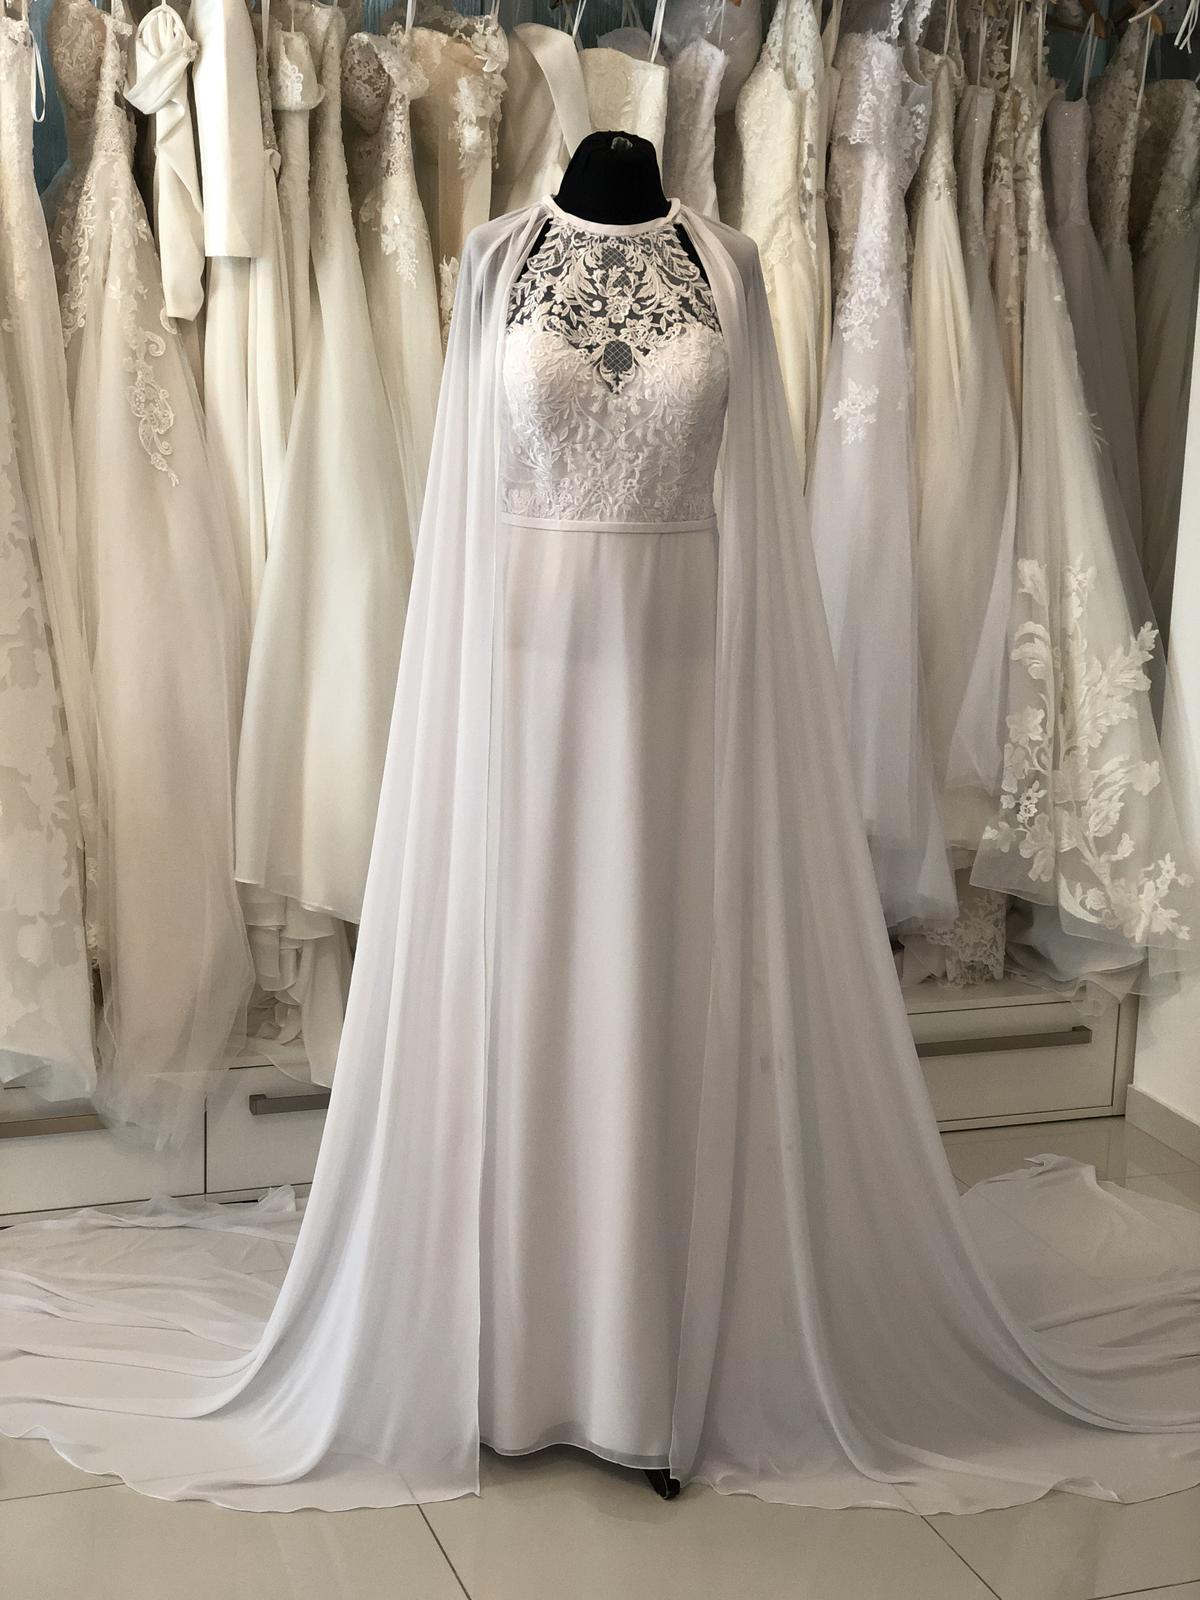 predaj svadobné šaty značky Sweetheart by Justin Alexander - Obrázok č. 1